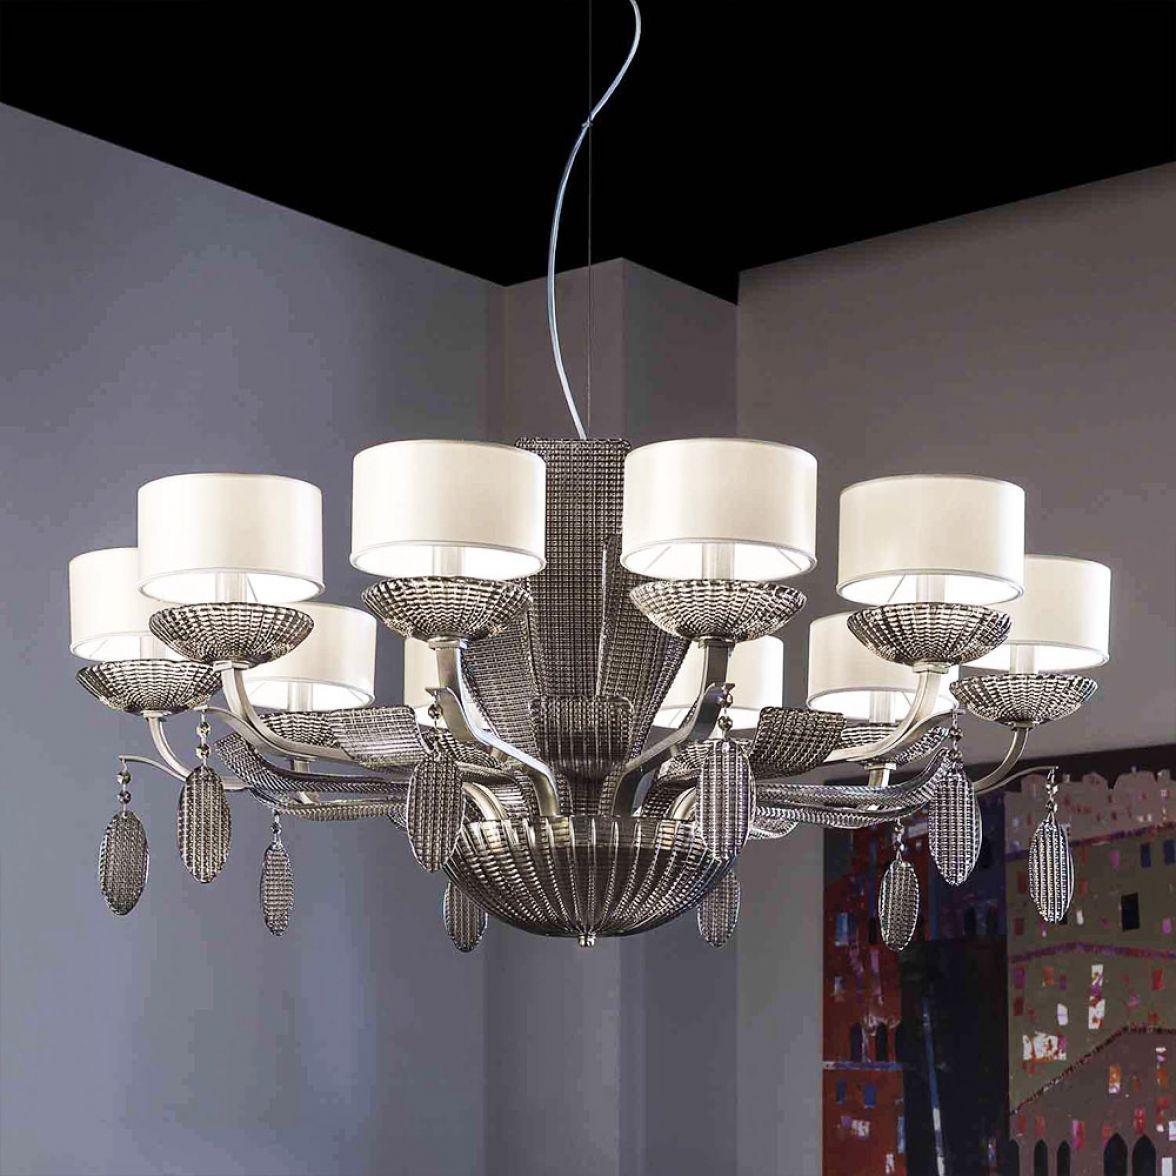 Isbel chandelier